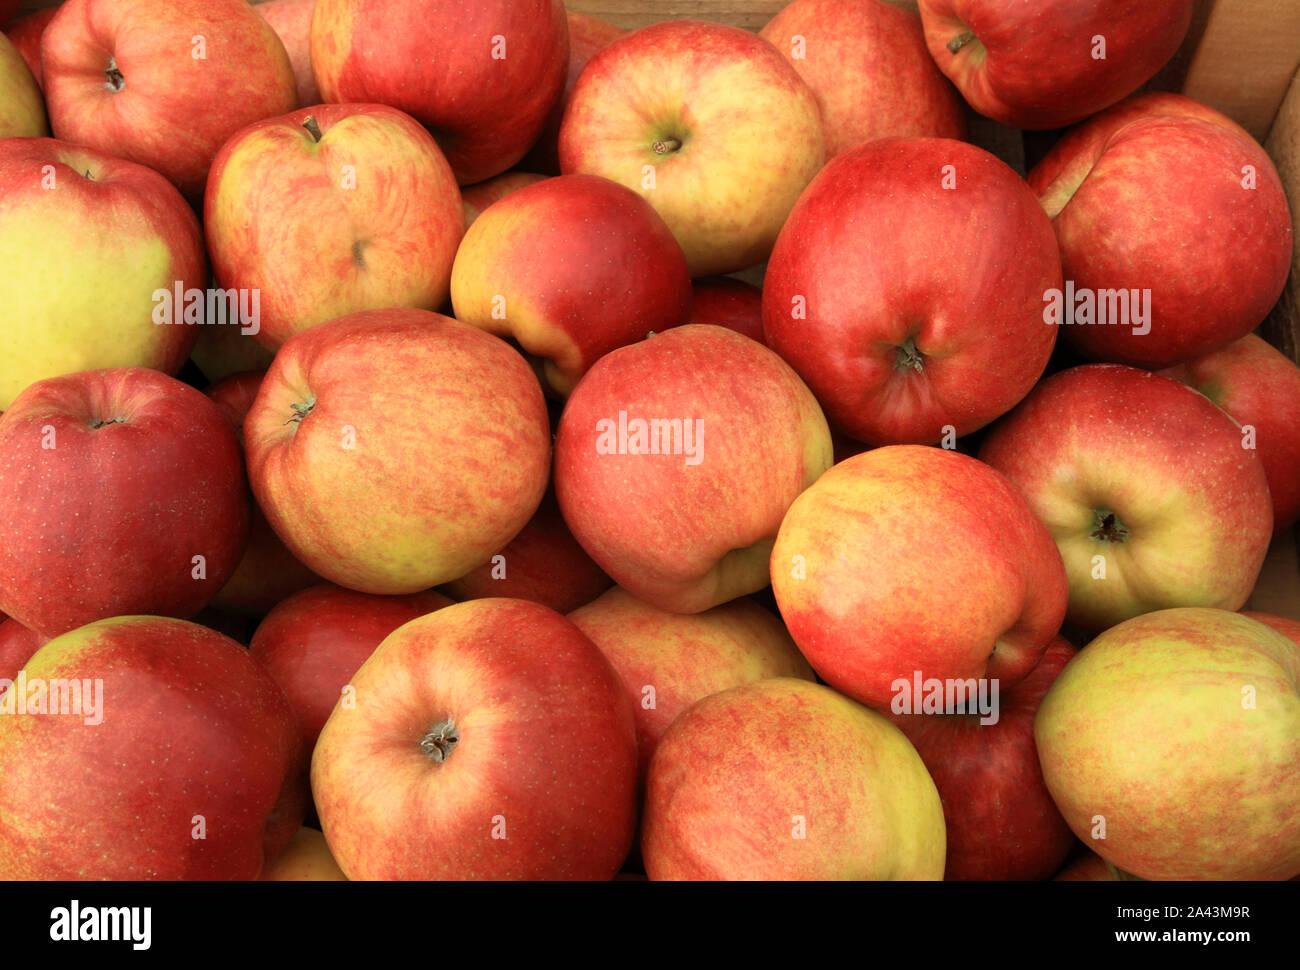 Apple 'Corona de Oro', manzanas, comedores, comiendo manzanas, comer sano, Malus domestica Foto de stock